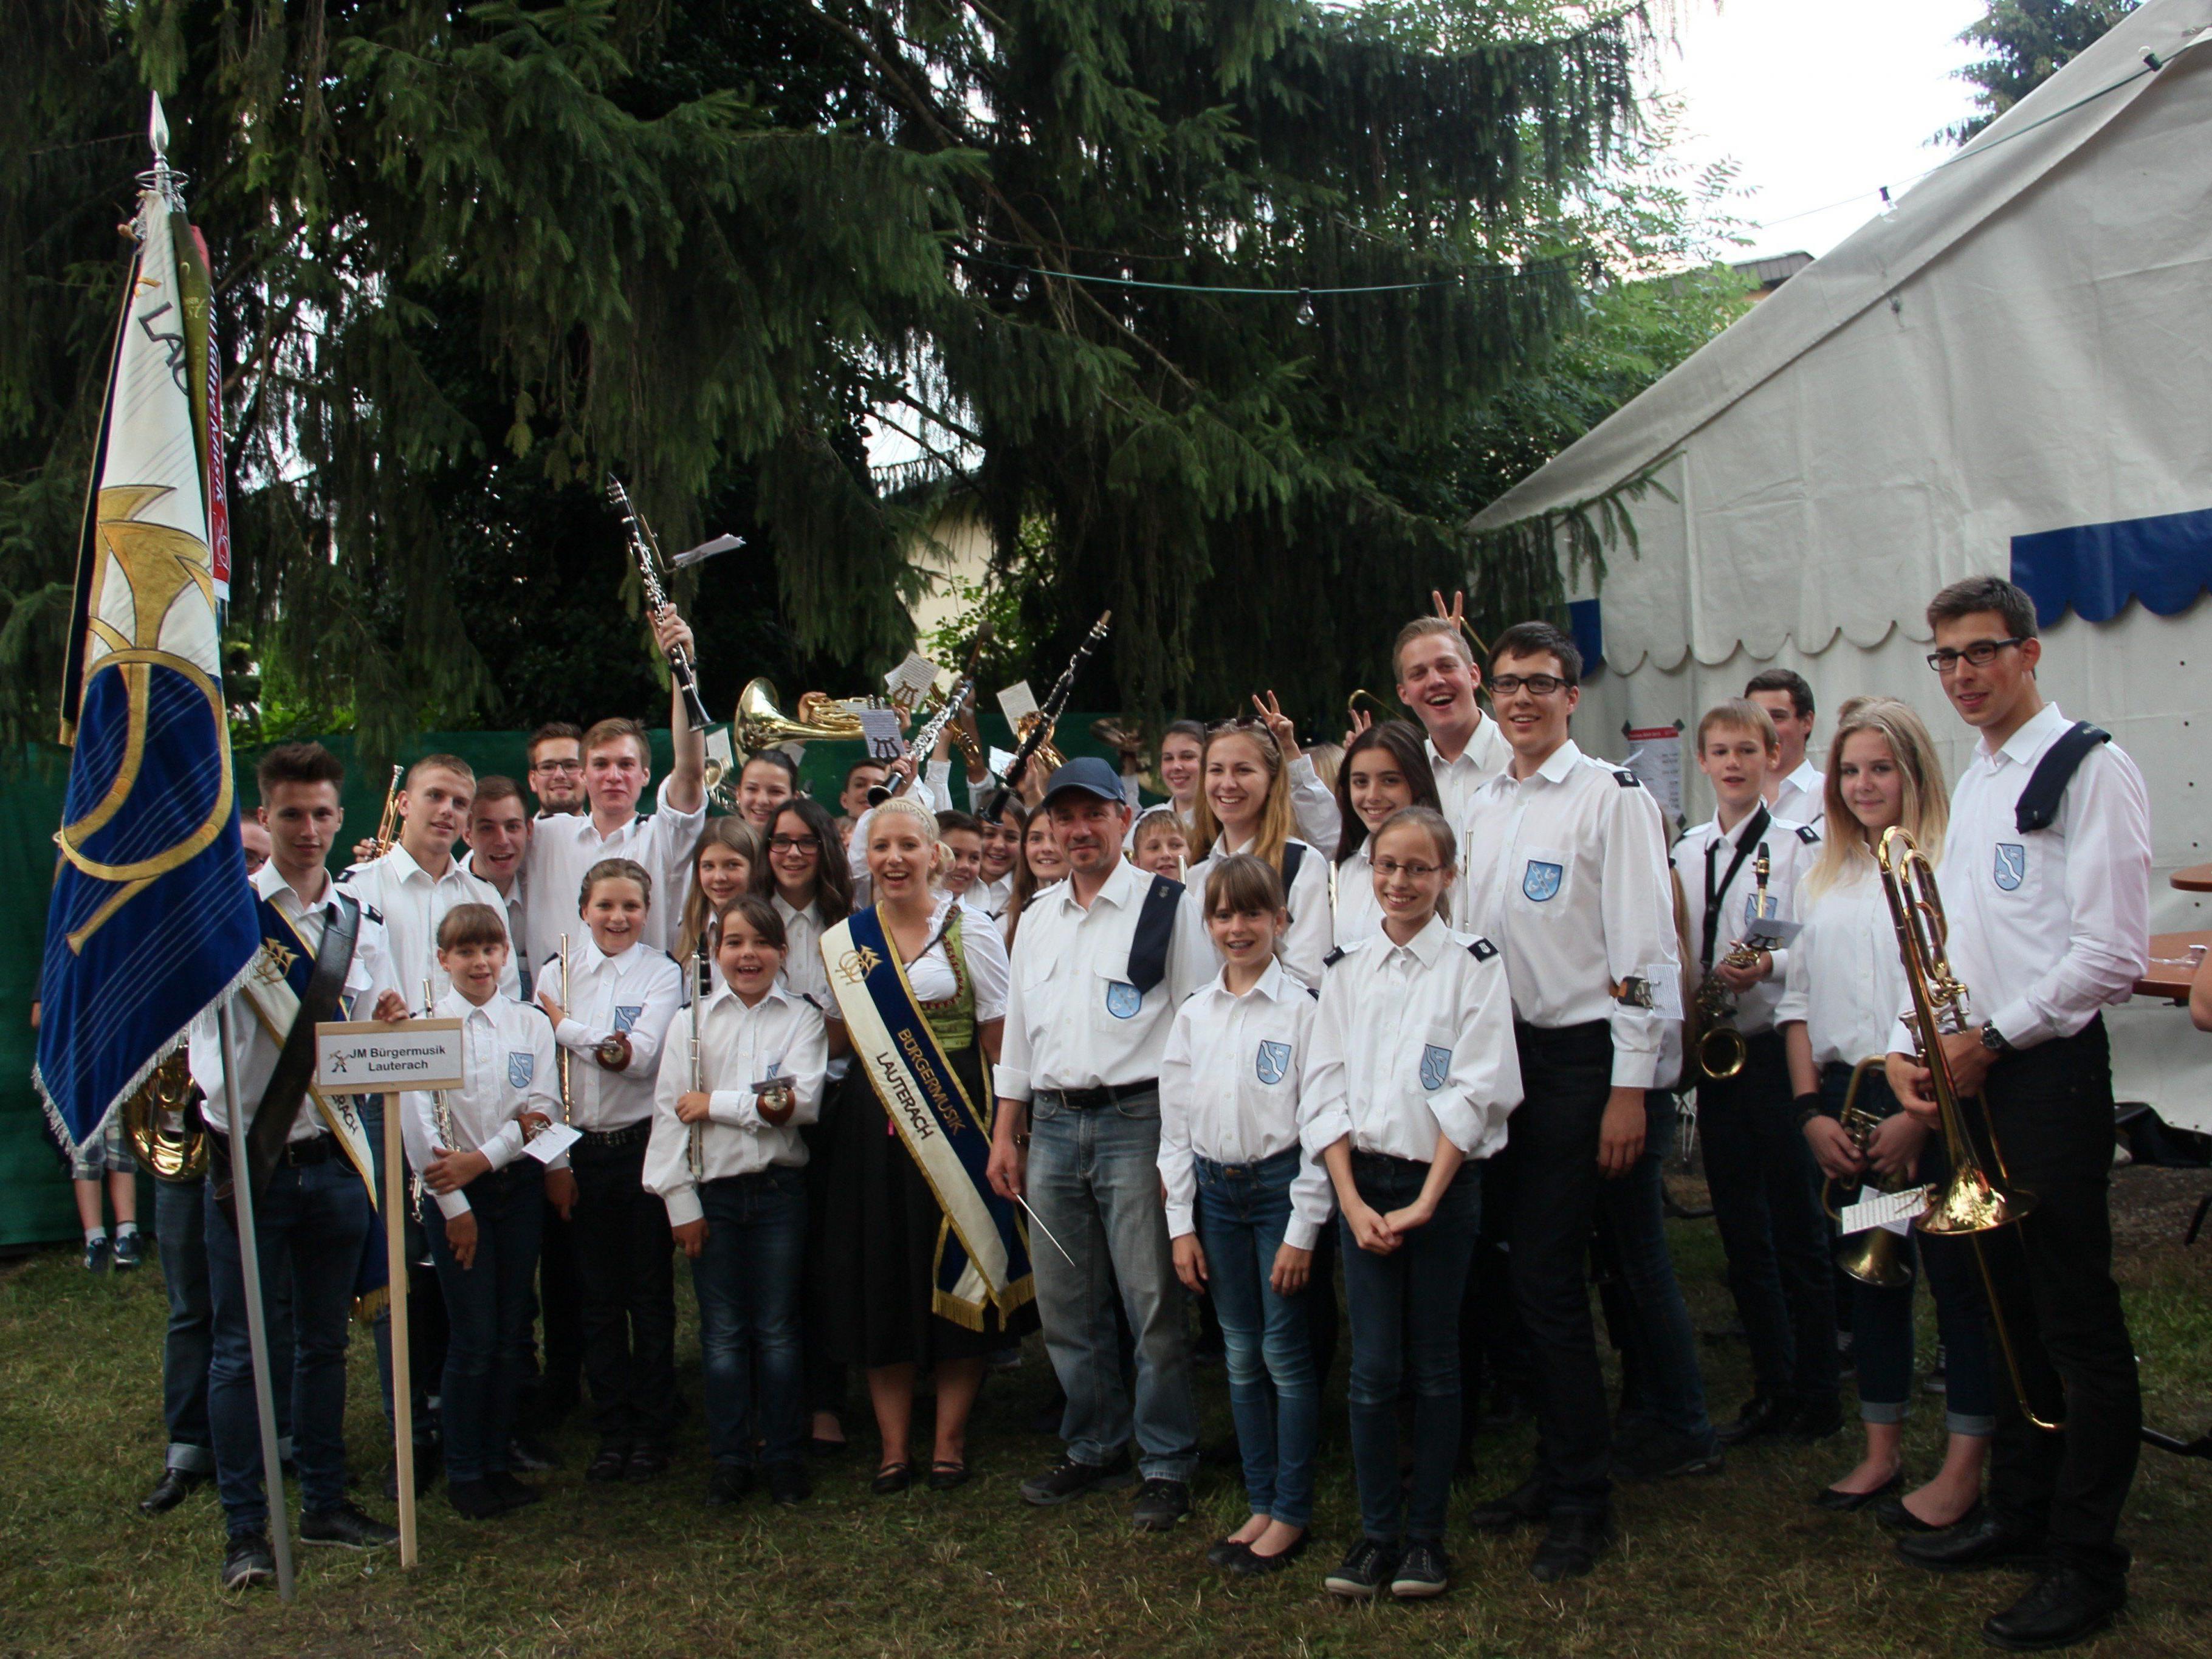 Jugendkapelle Lauterach beim Sandarfäscht in Lustenau